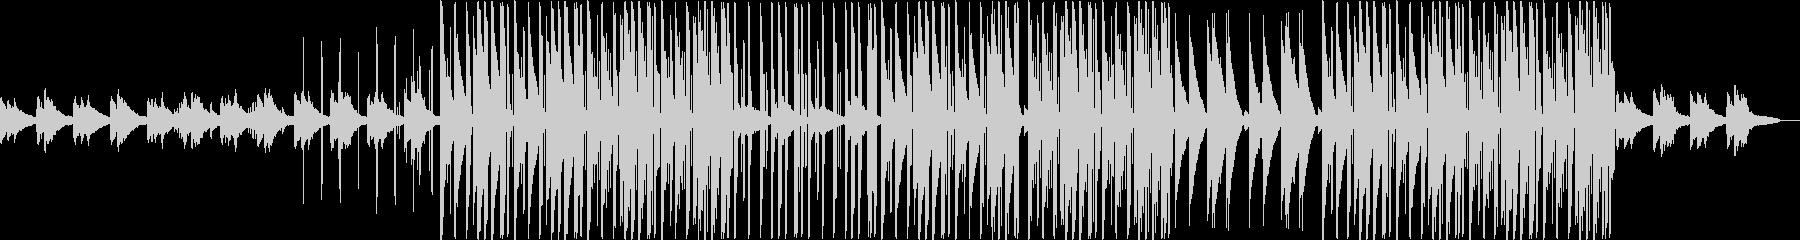 ピアノの感動的なトラップビートの未再生の波形